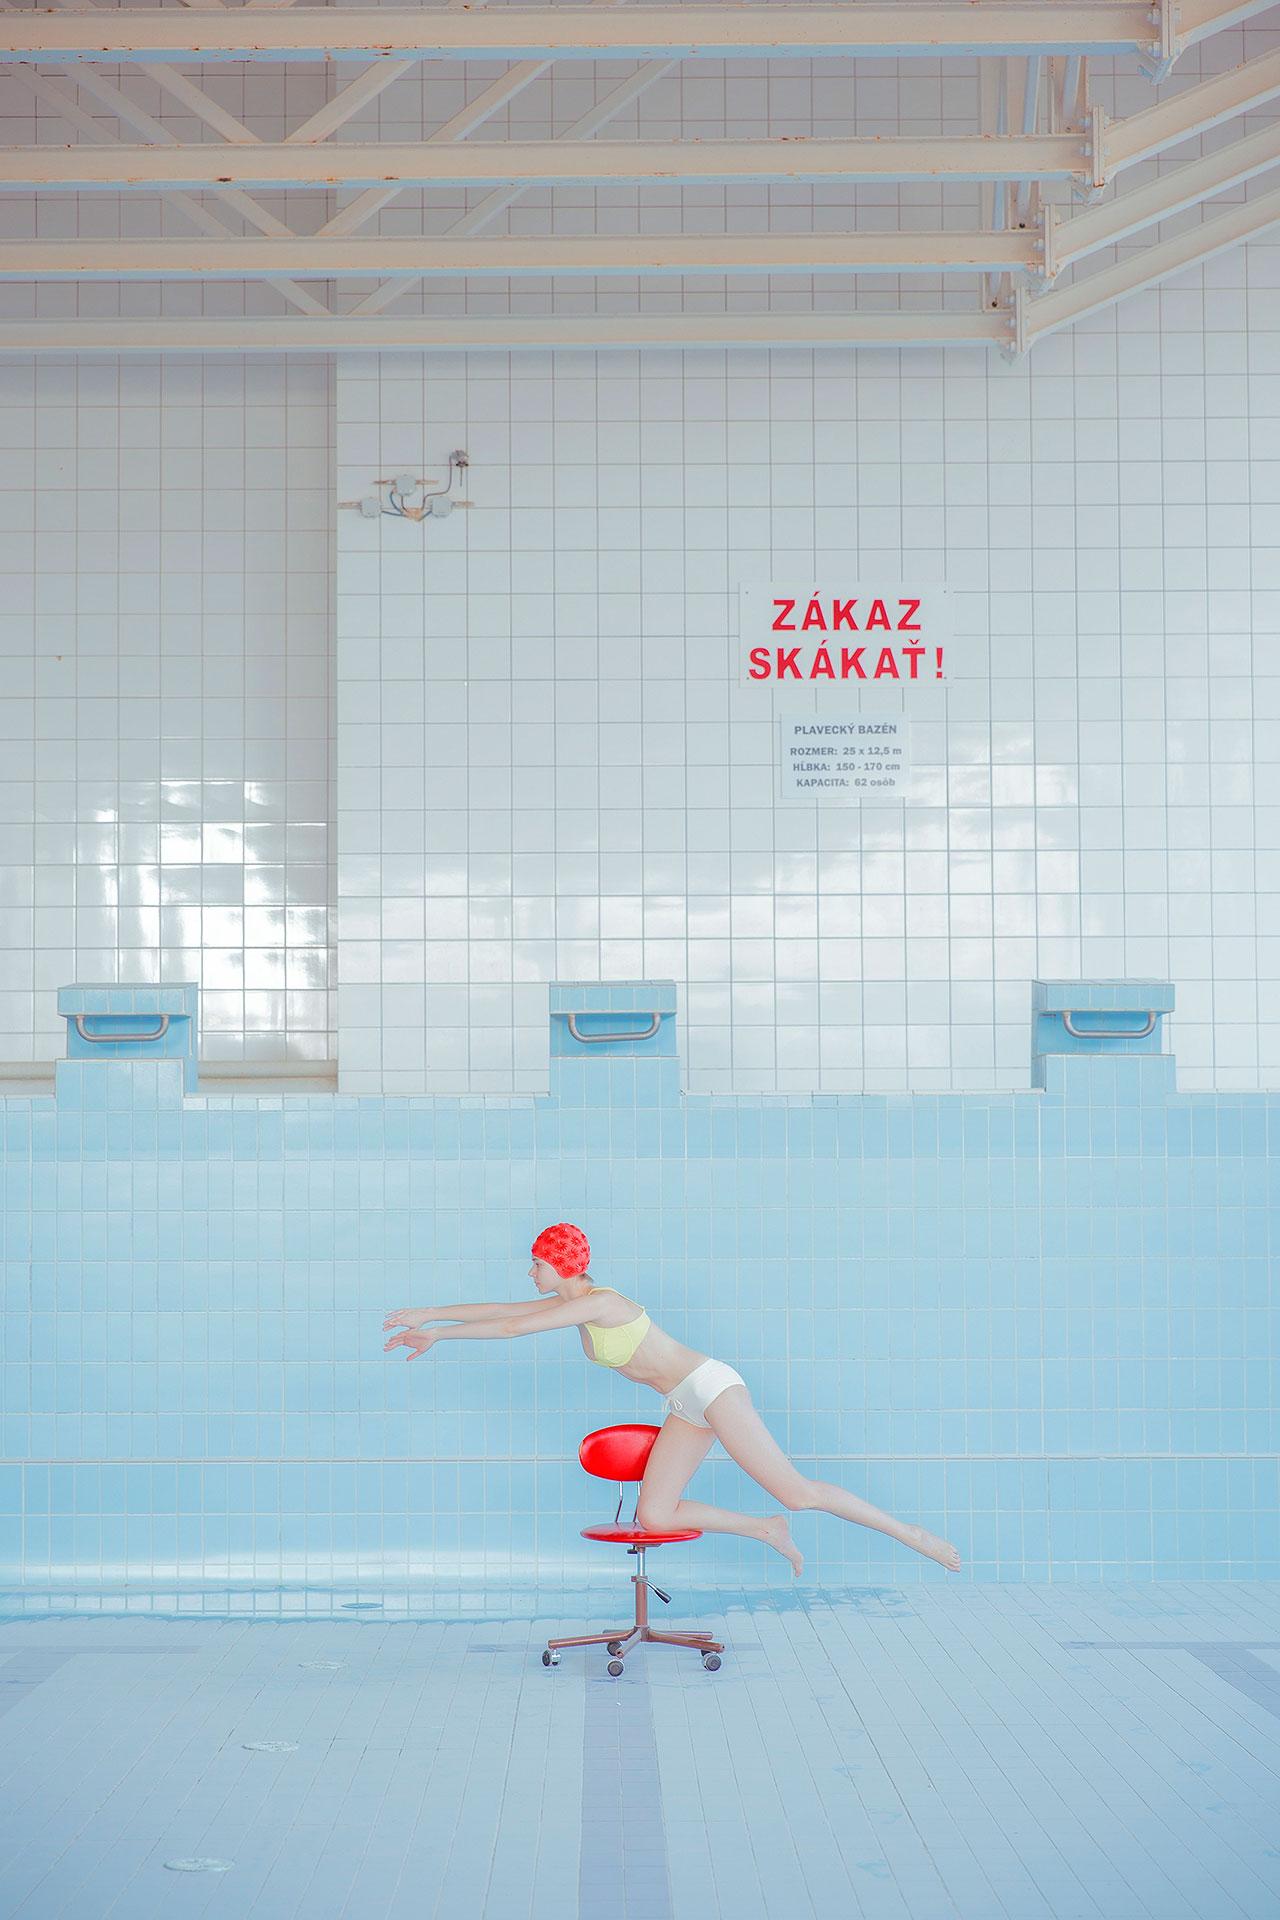 Mária Švarbová, POOL without WATER series. ©Mária Švarbová.